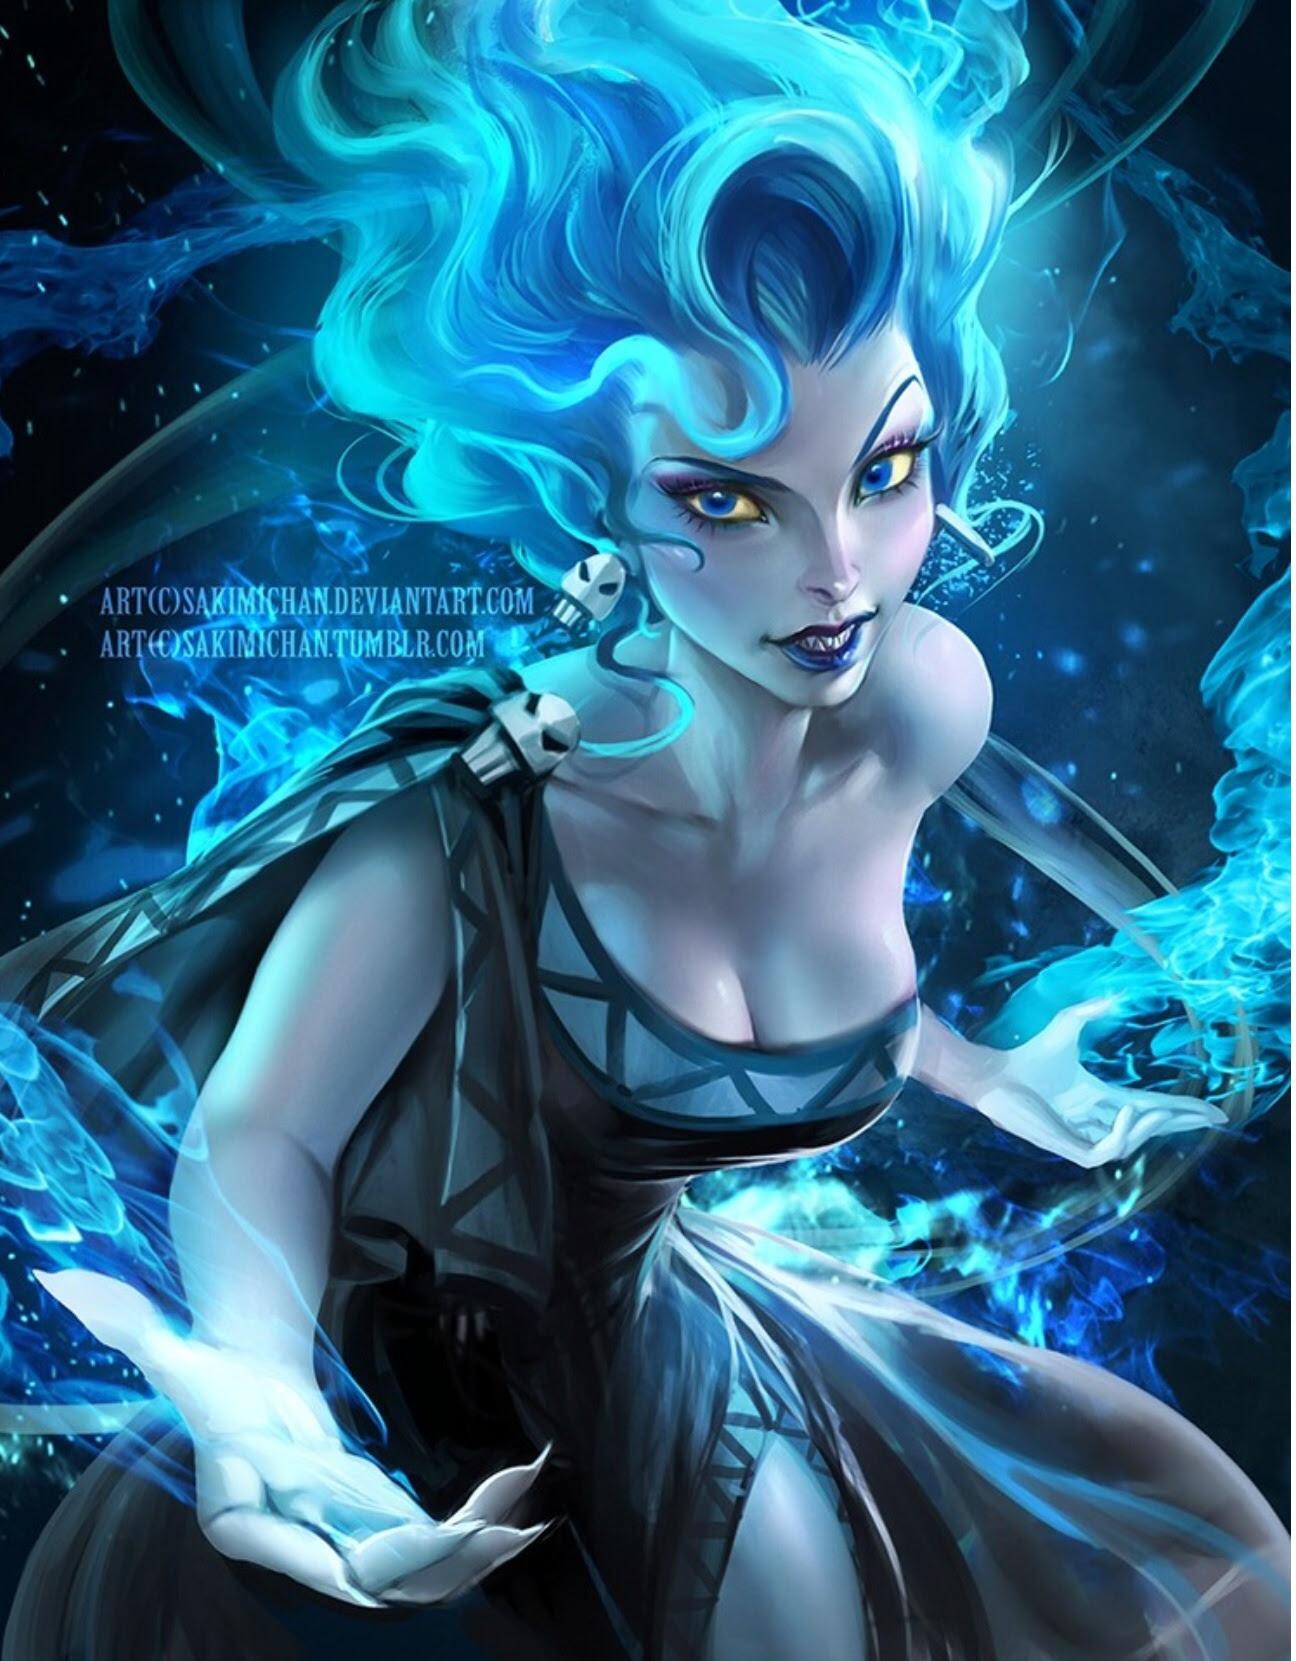 冥王ハデス女 海外イラストレーターsakimichanの描く綺麗すぎる